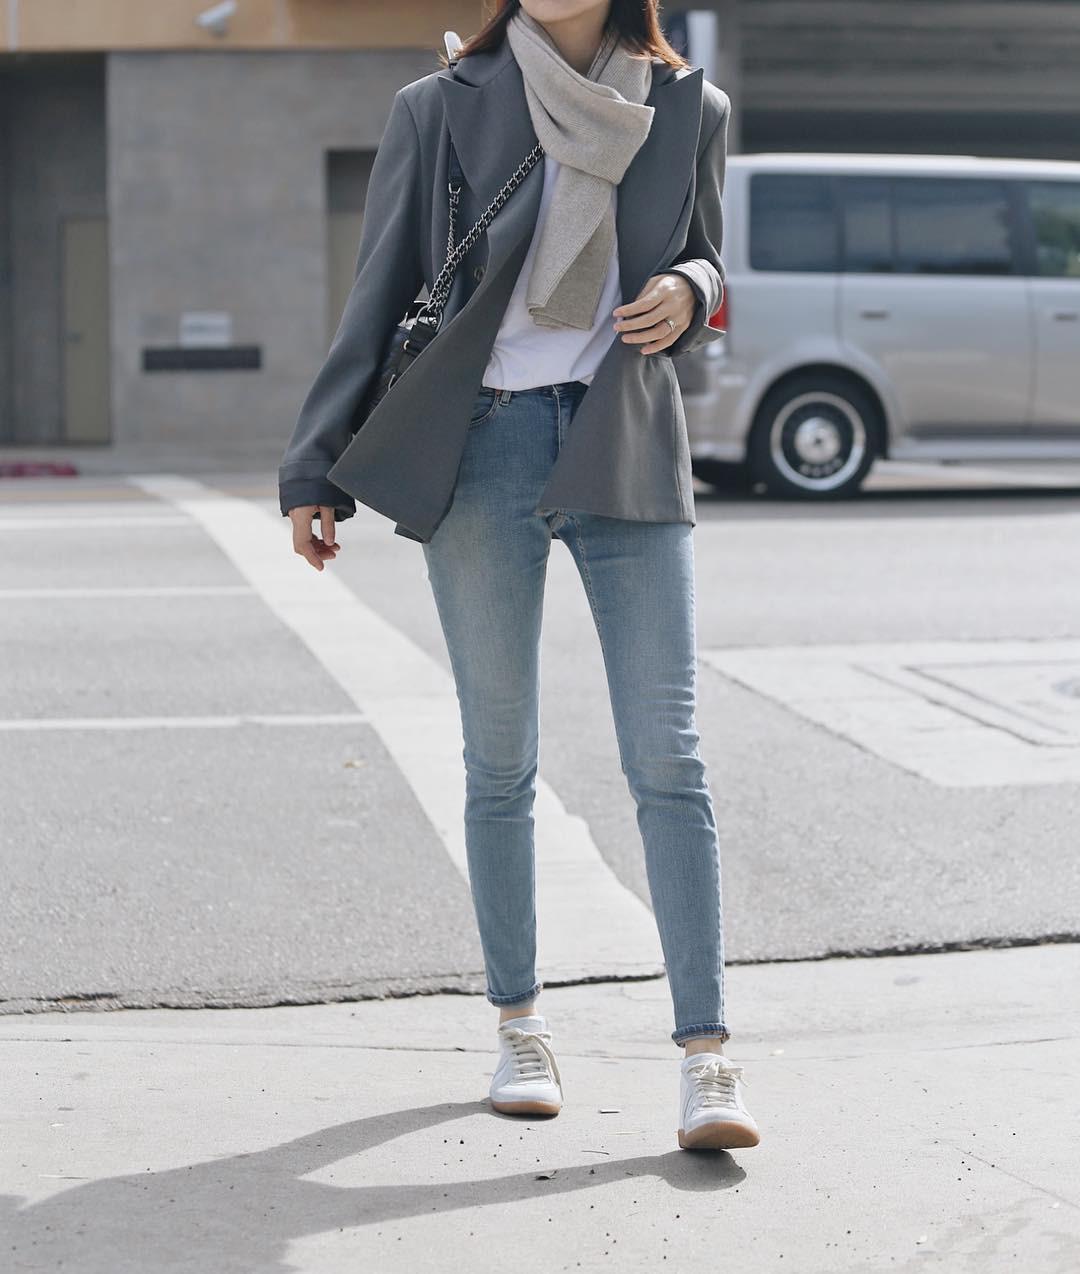 3 lỗi diện quần jeans không khiến cặp chân ngắn hơn thì cũng dễ đưa bạn vào tình huống kém duyên, nhạy cảm 1